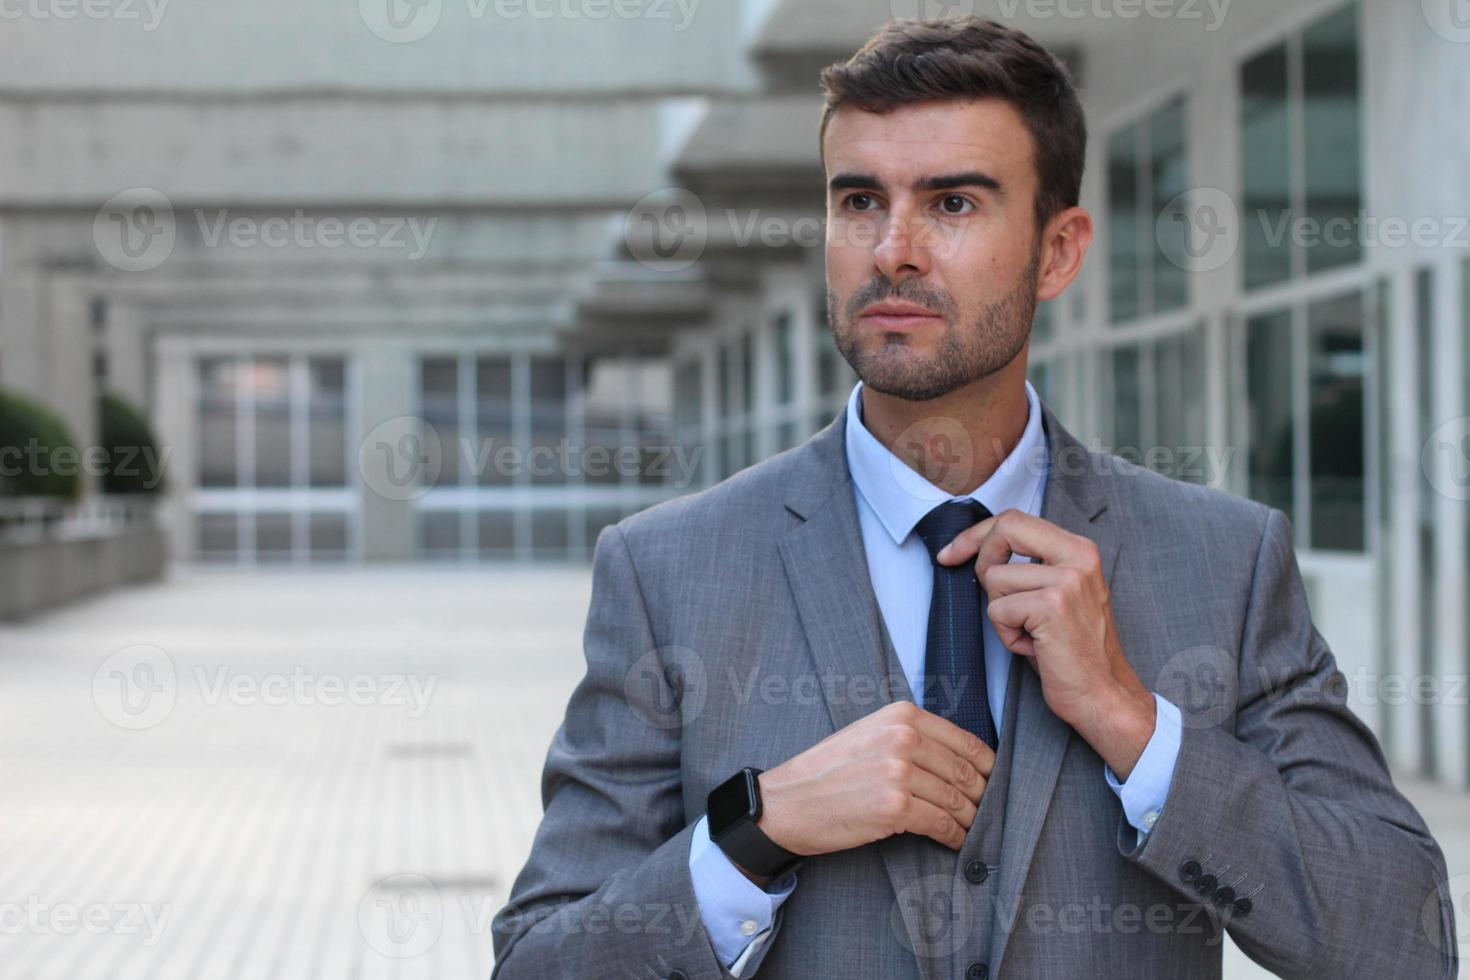 homme d'affaires mignon habillé pour impressionner photo